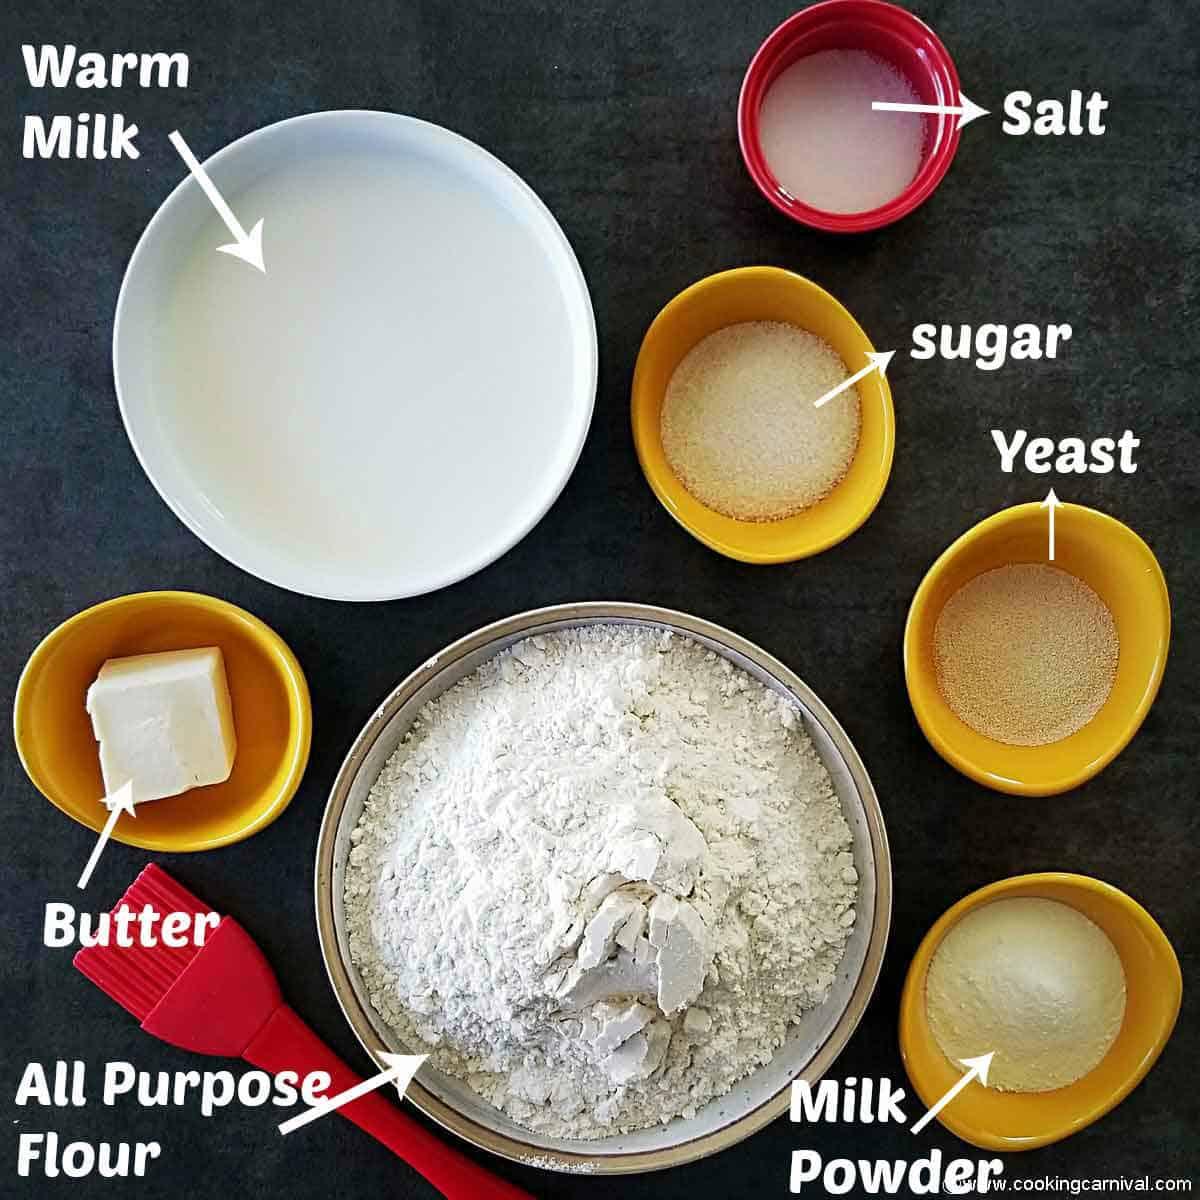 Pre-measured ingredients to make Pav